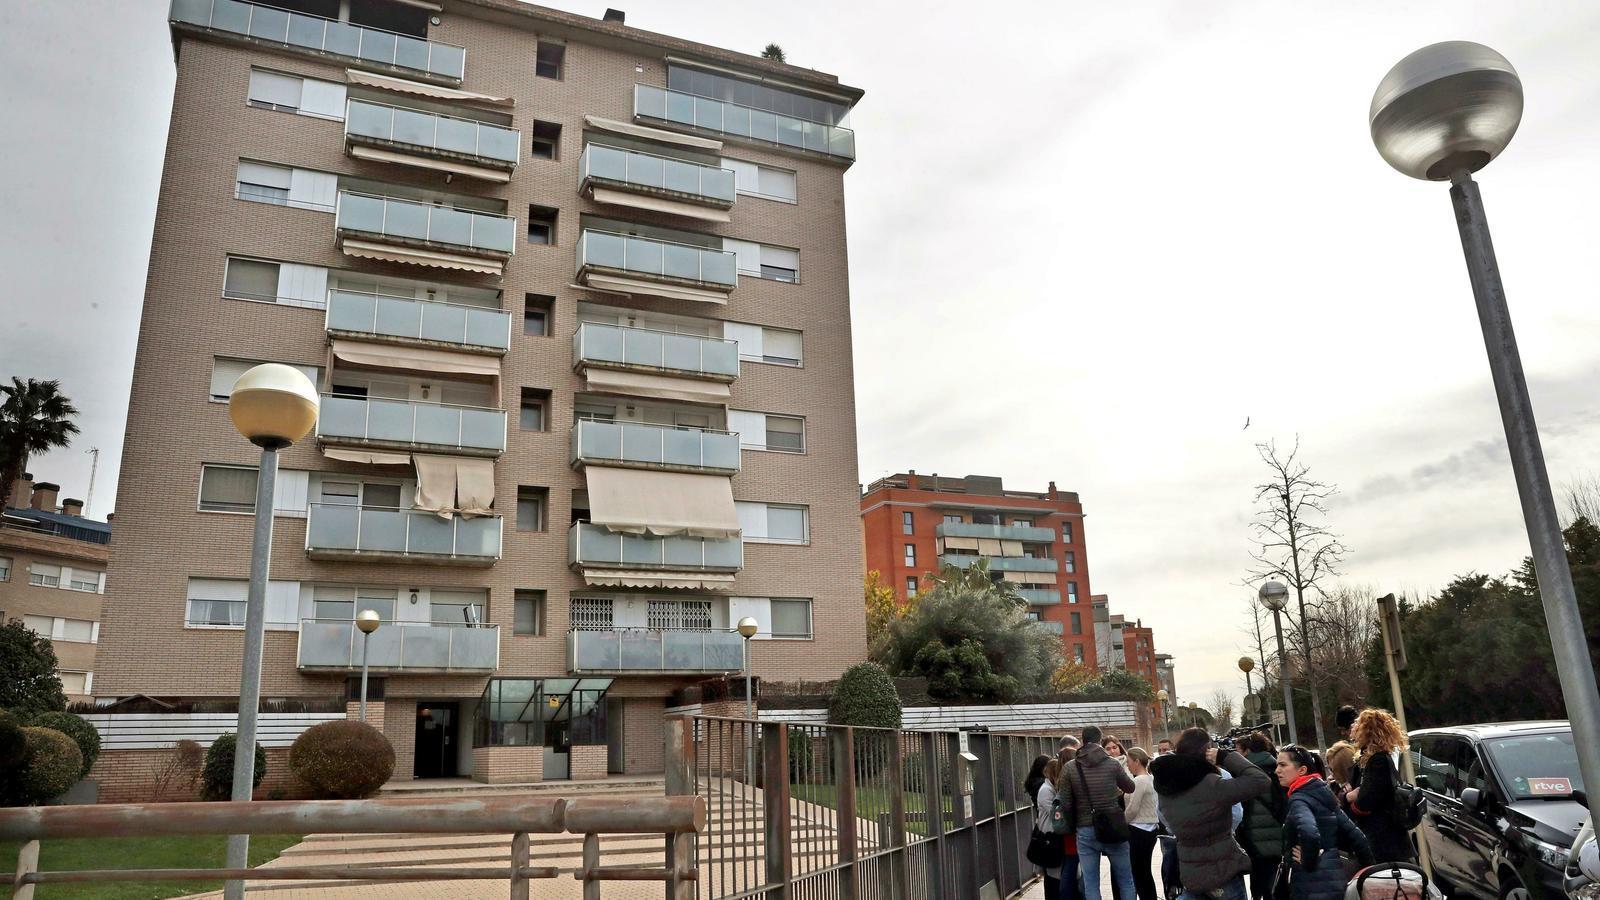 L'edifici de Sant Joan Despí on vivia la parella i s'ha trobat el cos sense vida de la dona